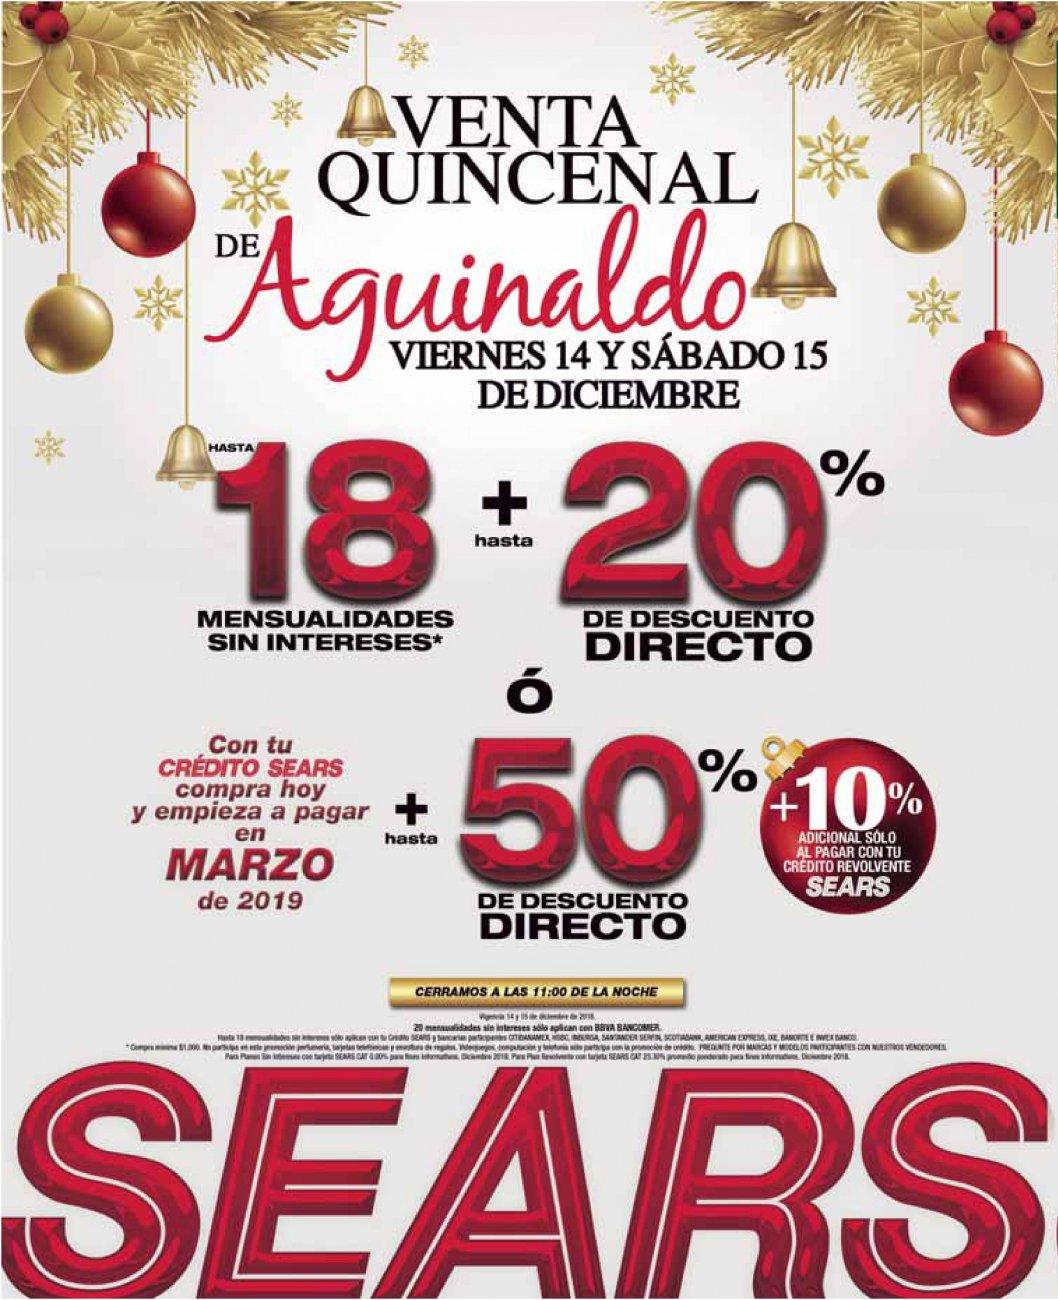 Sears: Hasta 18 MSI + hasta 20% desc. directo... ó hasta 50% de desc. directo + 10% adic. con crédito revolvente